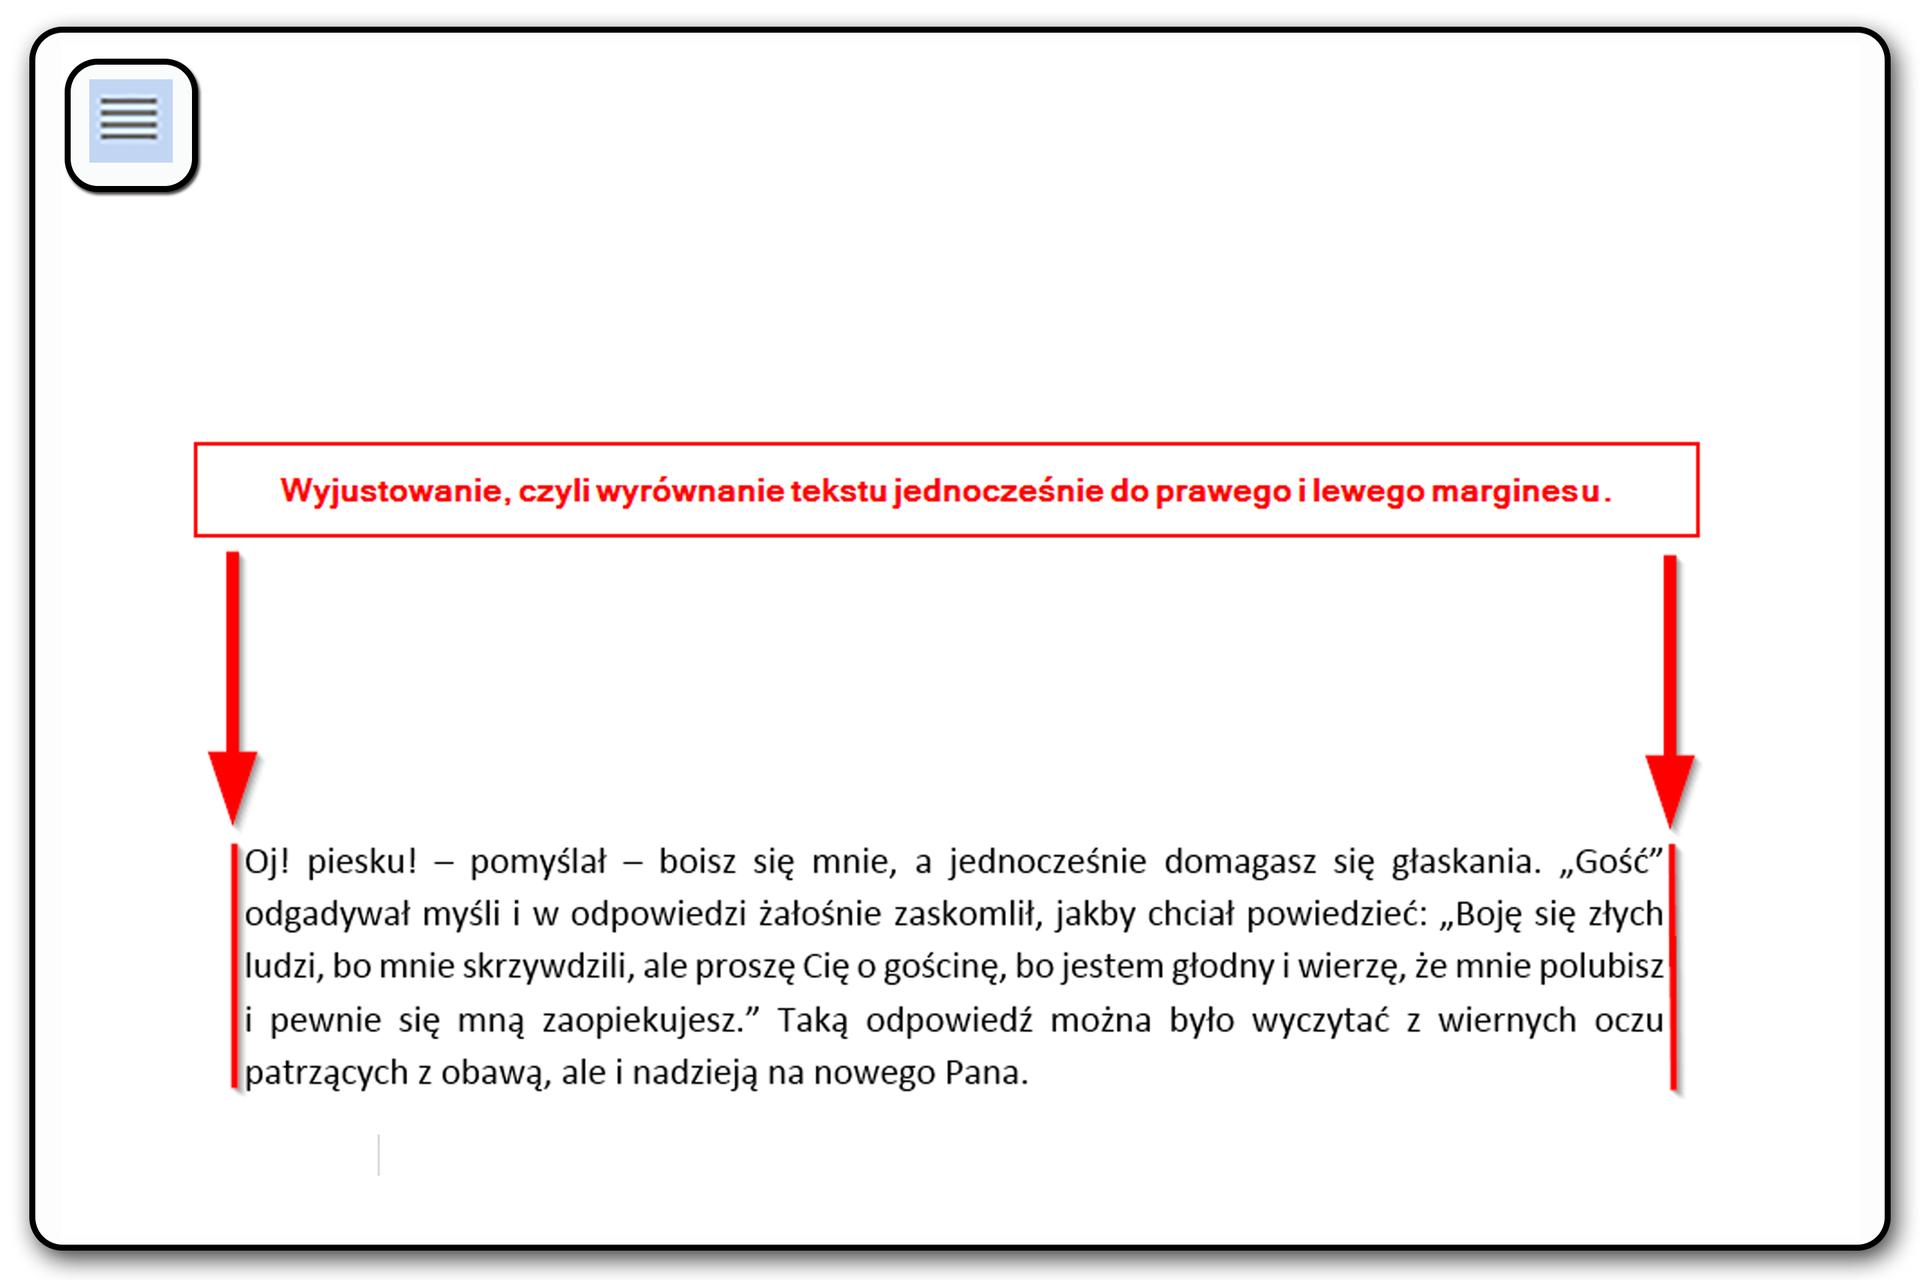 Slajd 6 galerii: Zastosowanie poszczególnych narzędzi wyrównywania tekstu